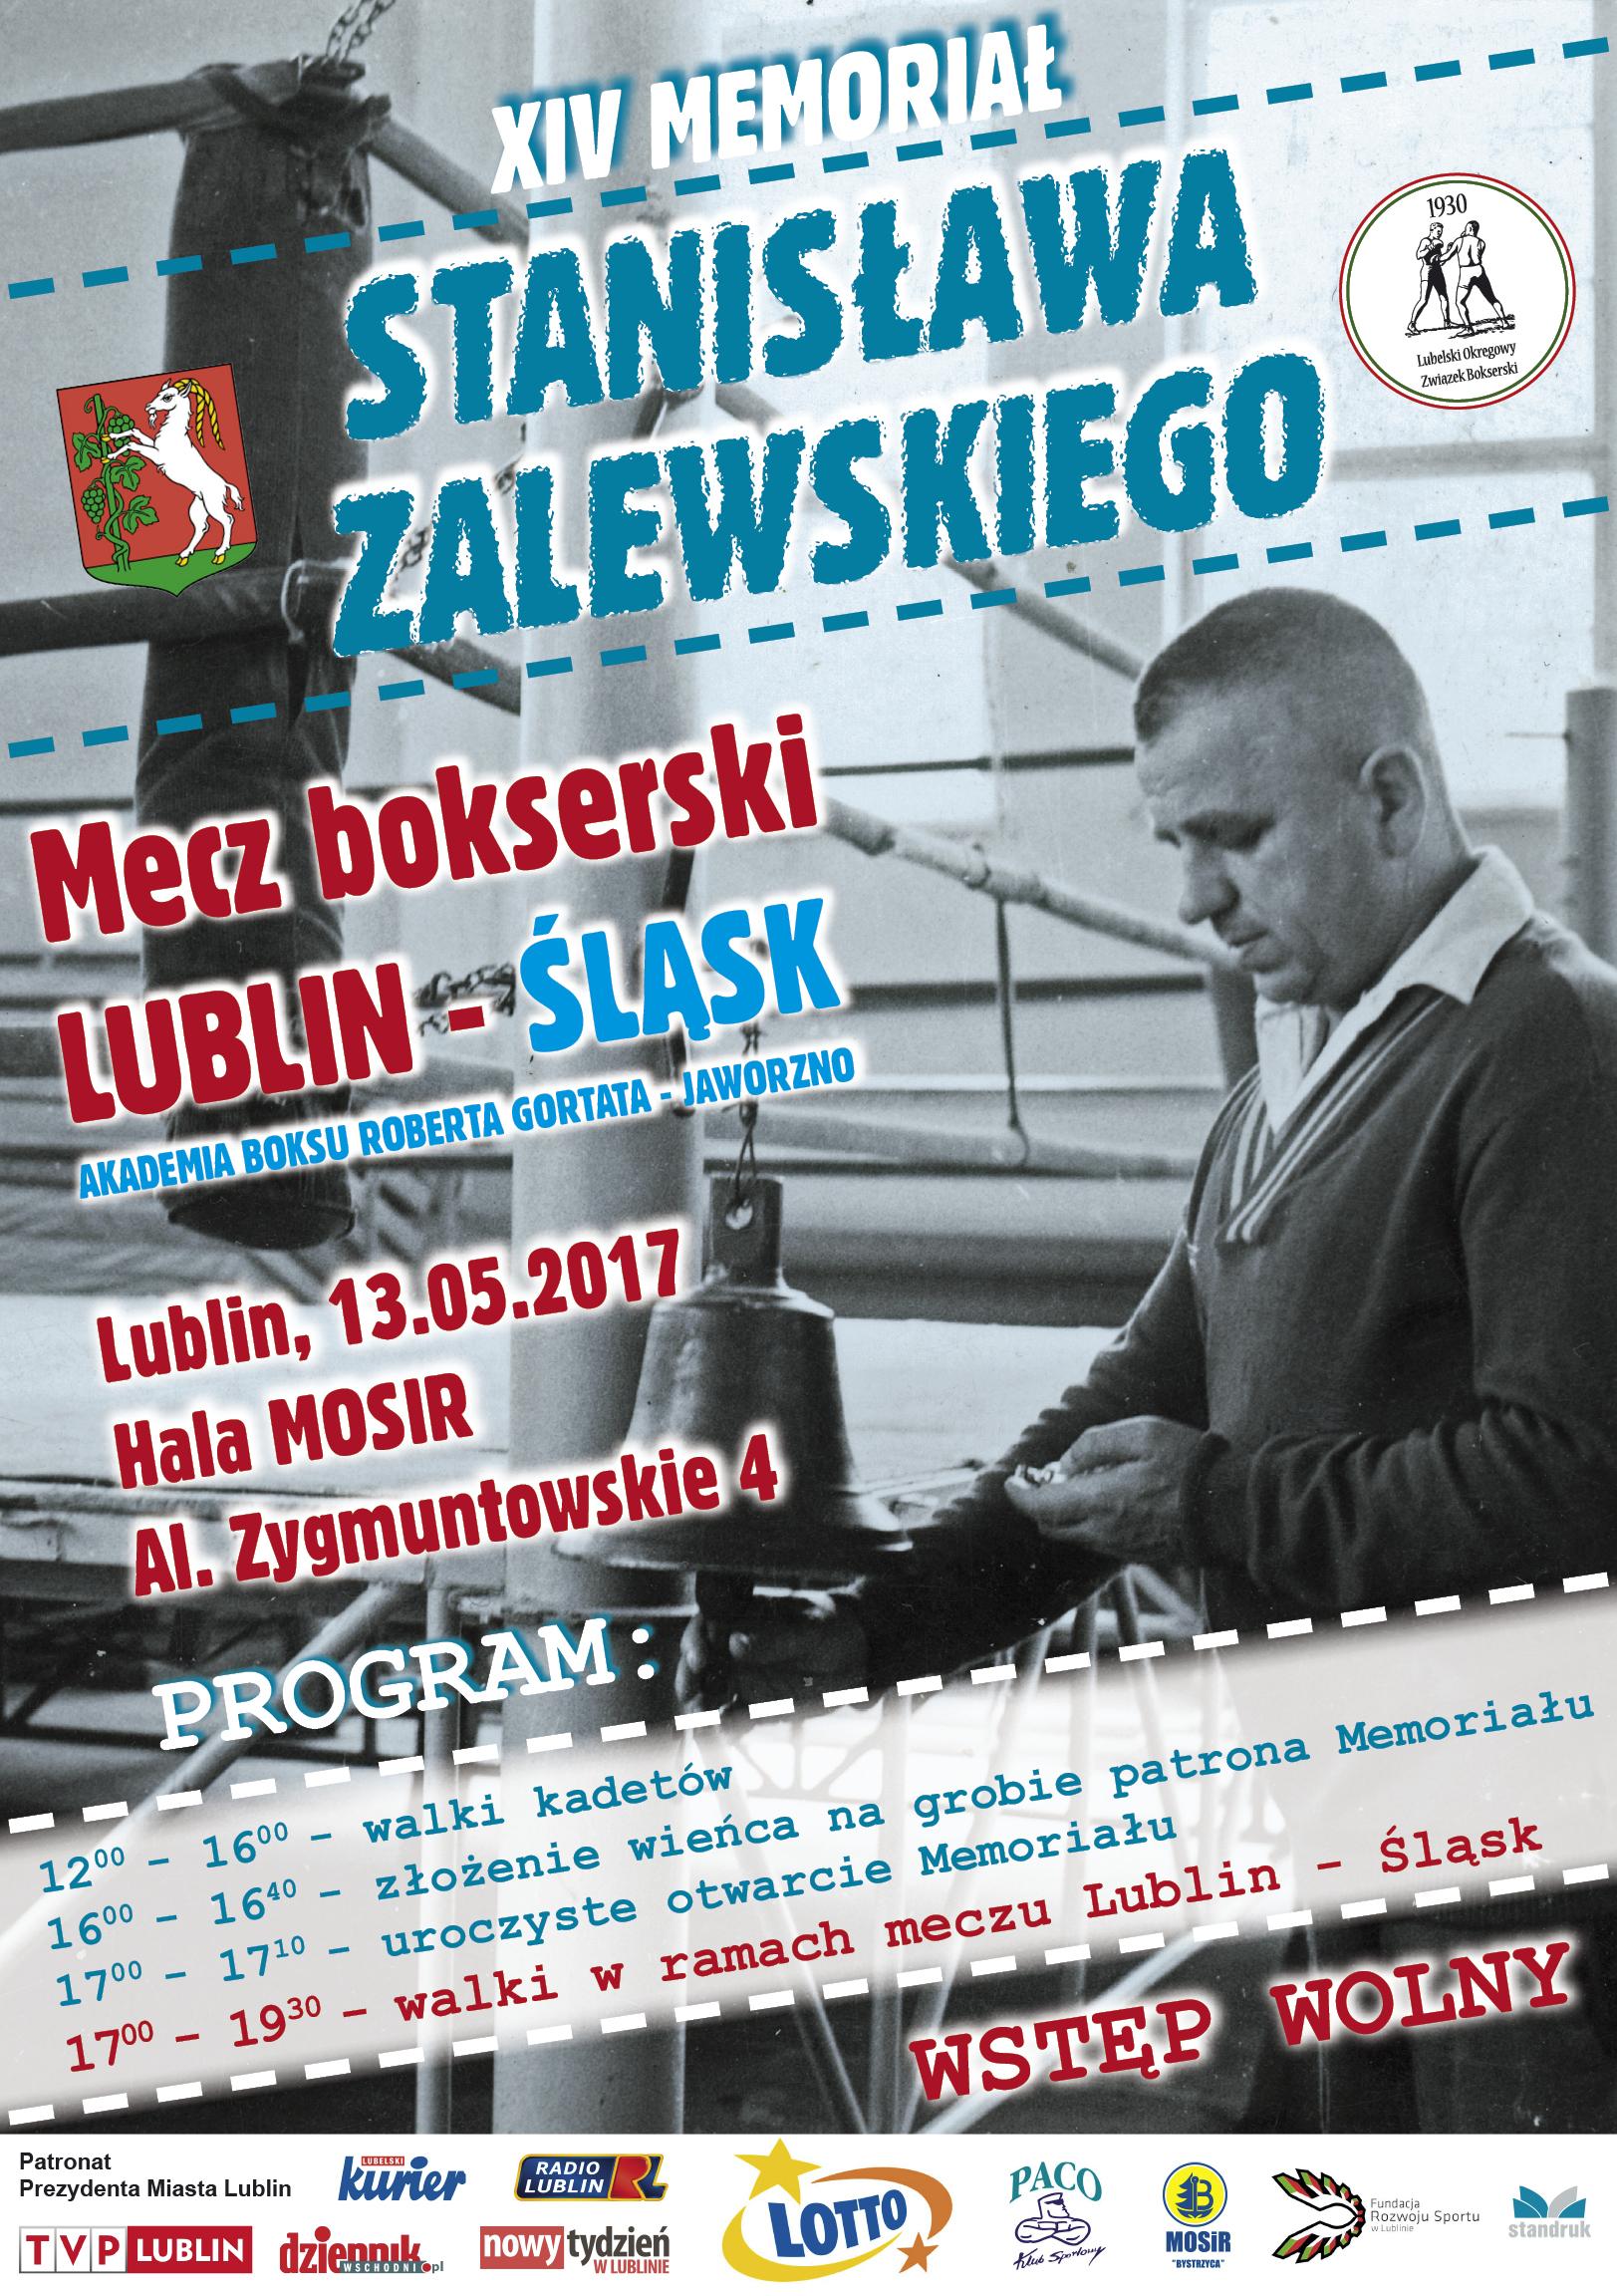 Plakat boks - 09 - memoriał im. zalewskiego 08.05.2017